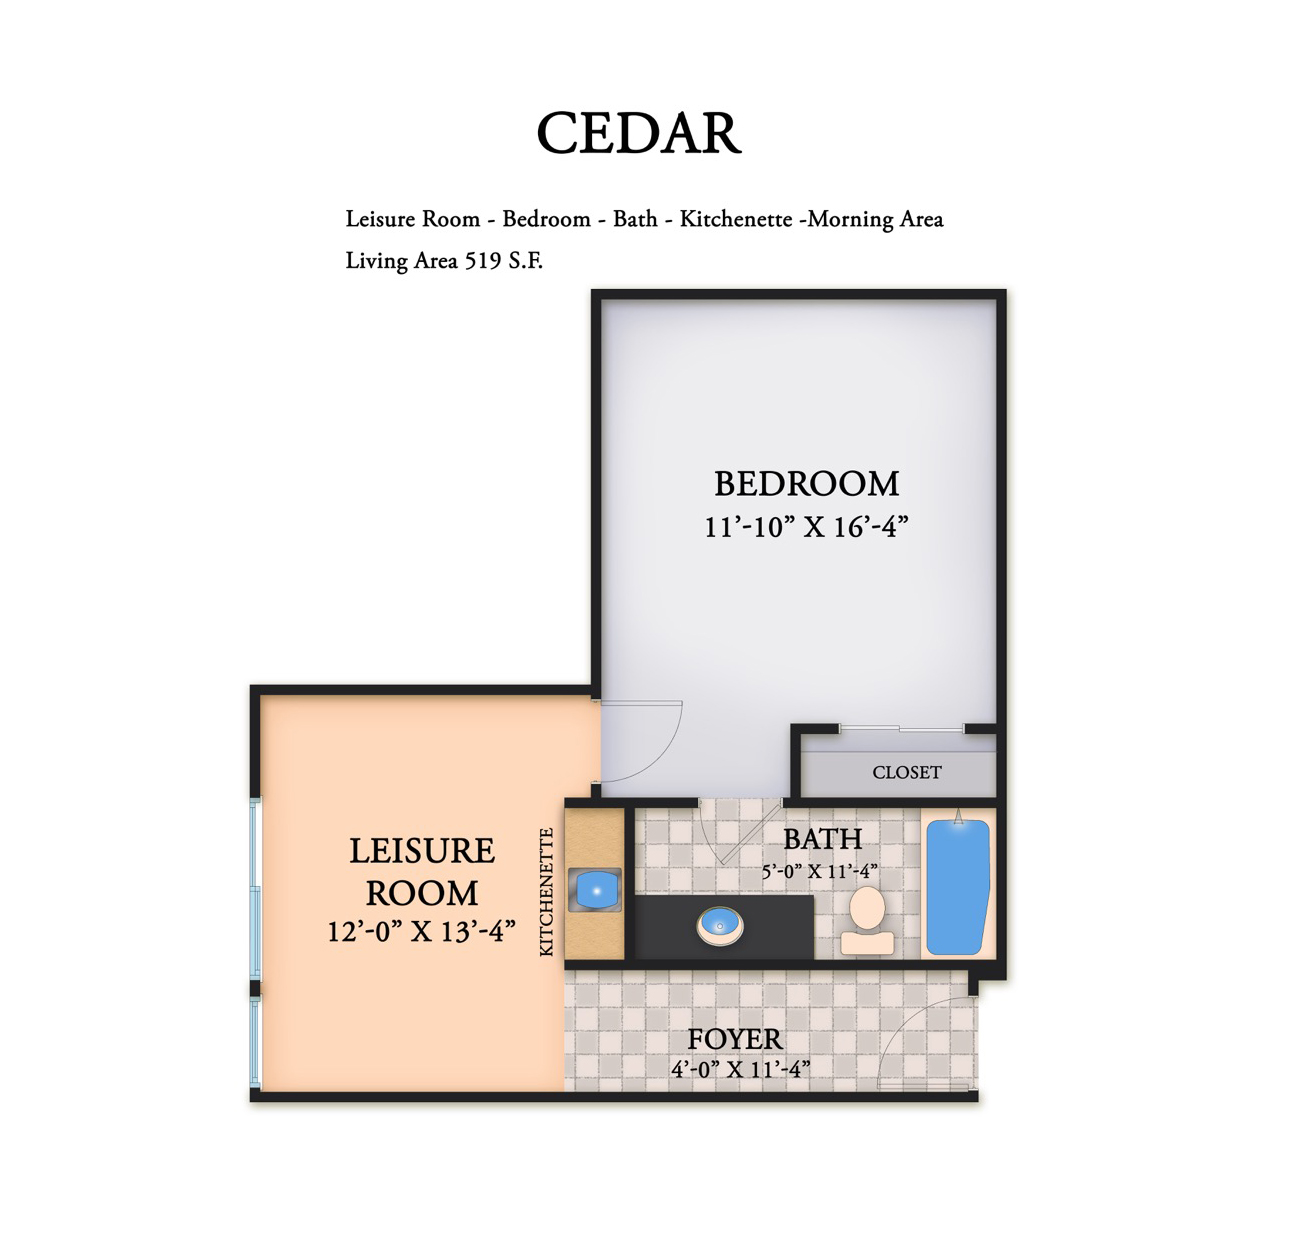 1_bed_cedar2